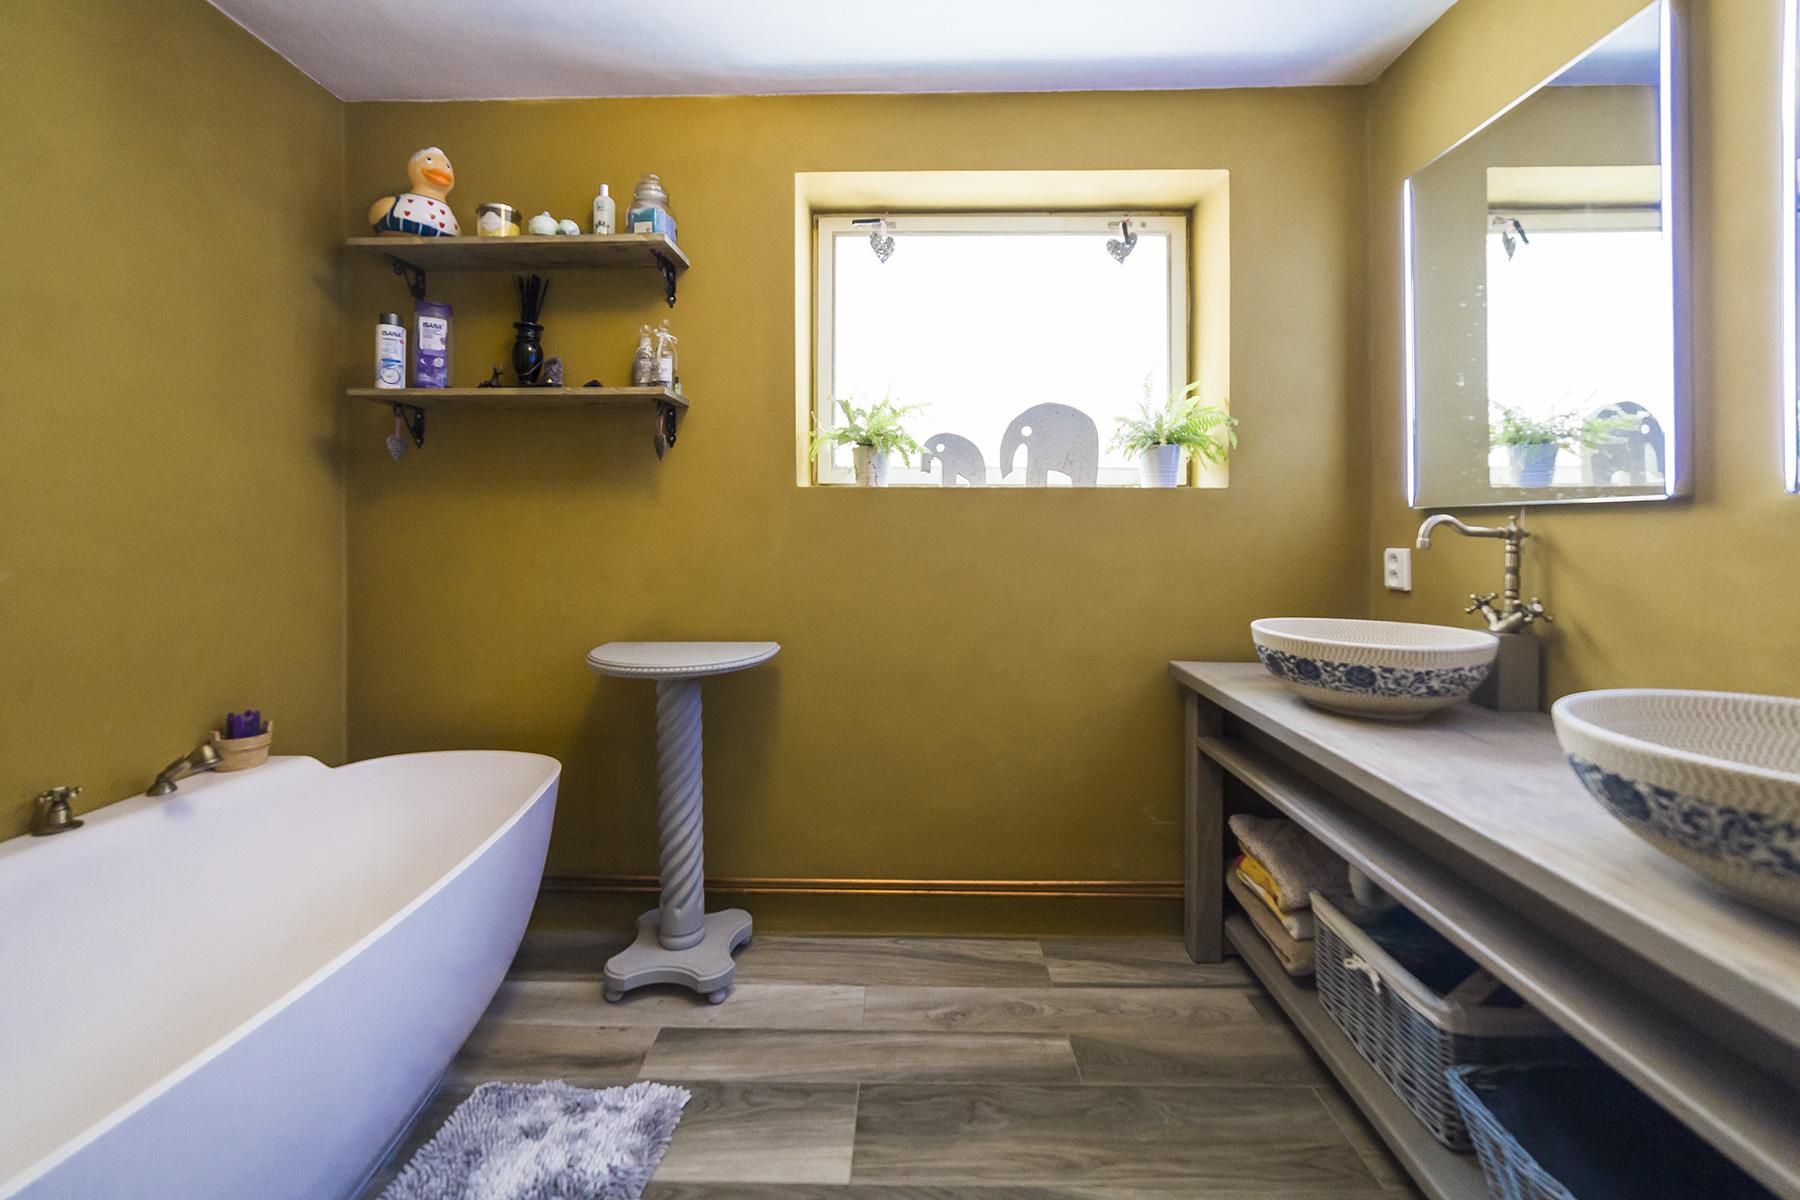 koupelna okno zrcadlo umyvadlo vana dlazba kosik rucnik tabor rodinny dum linda bittova